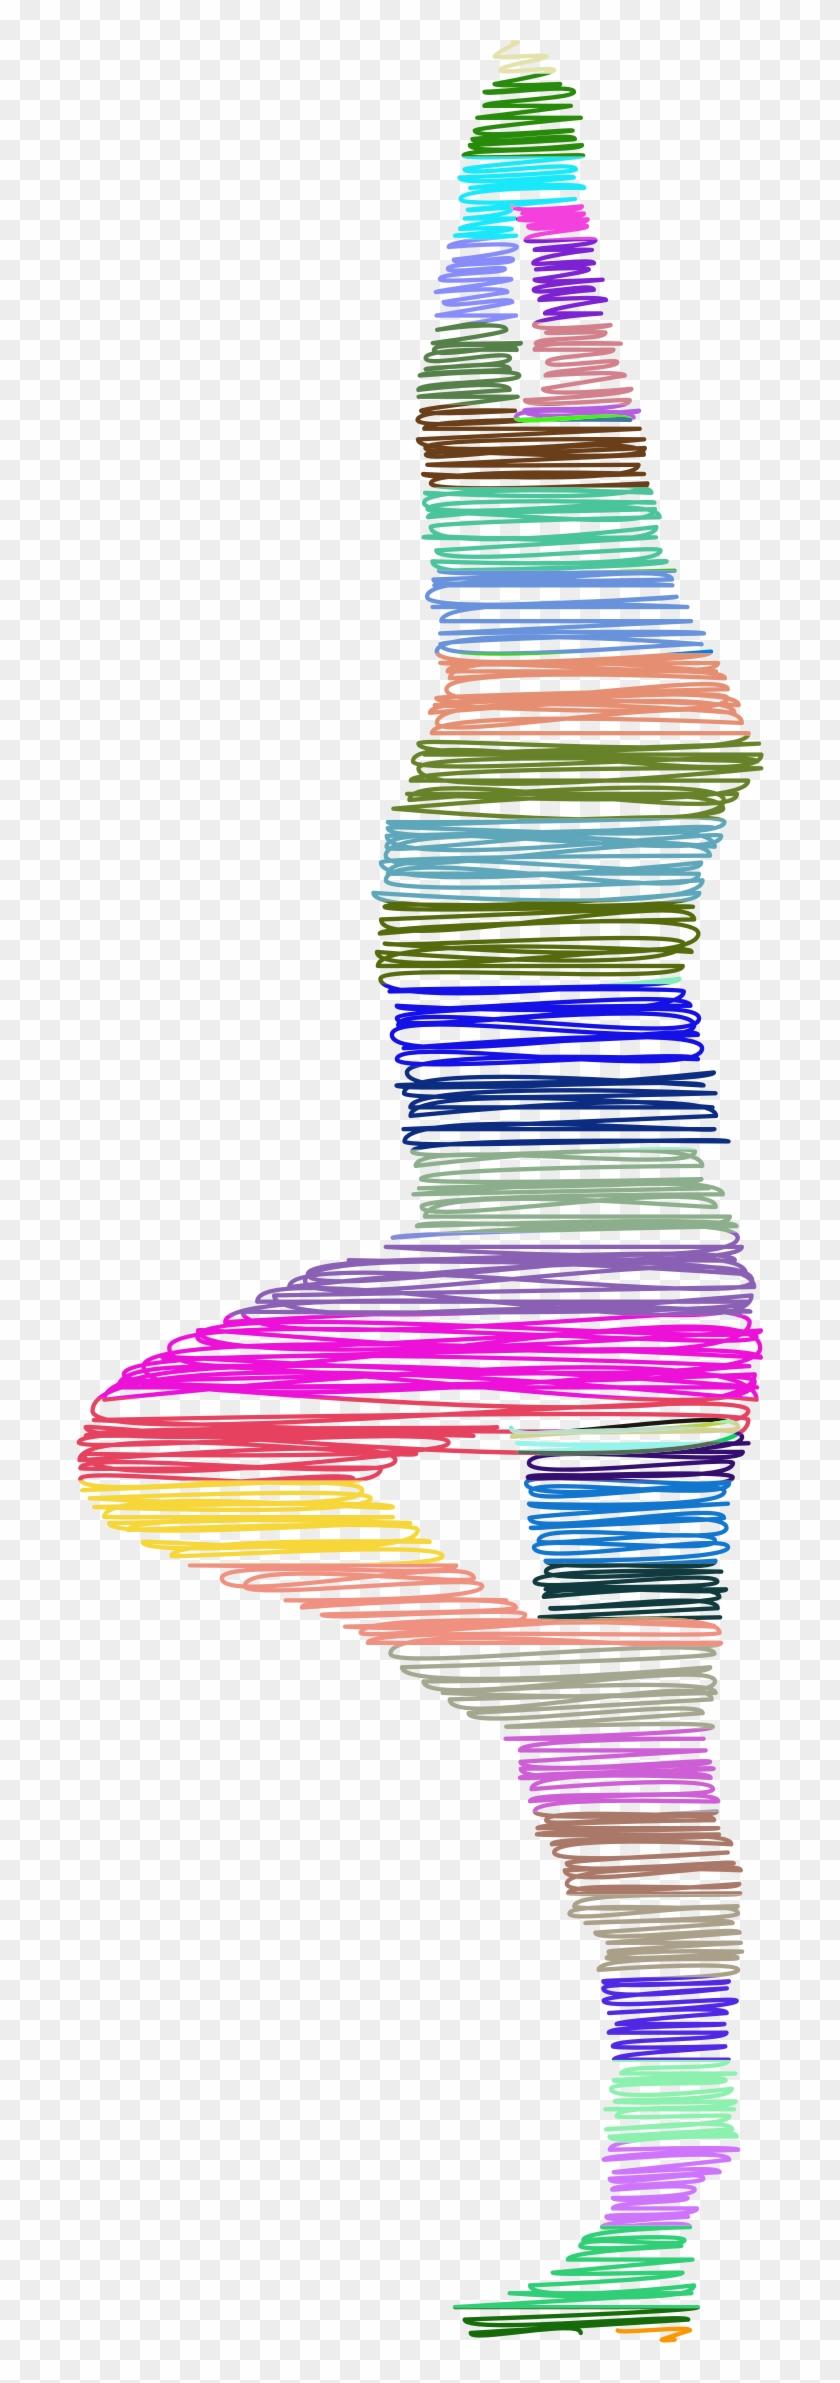 Big Image - Yoga Pose Colorful #65491